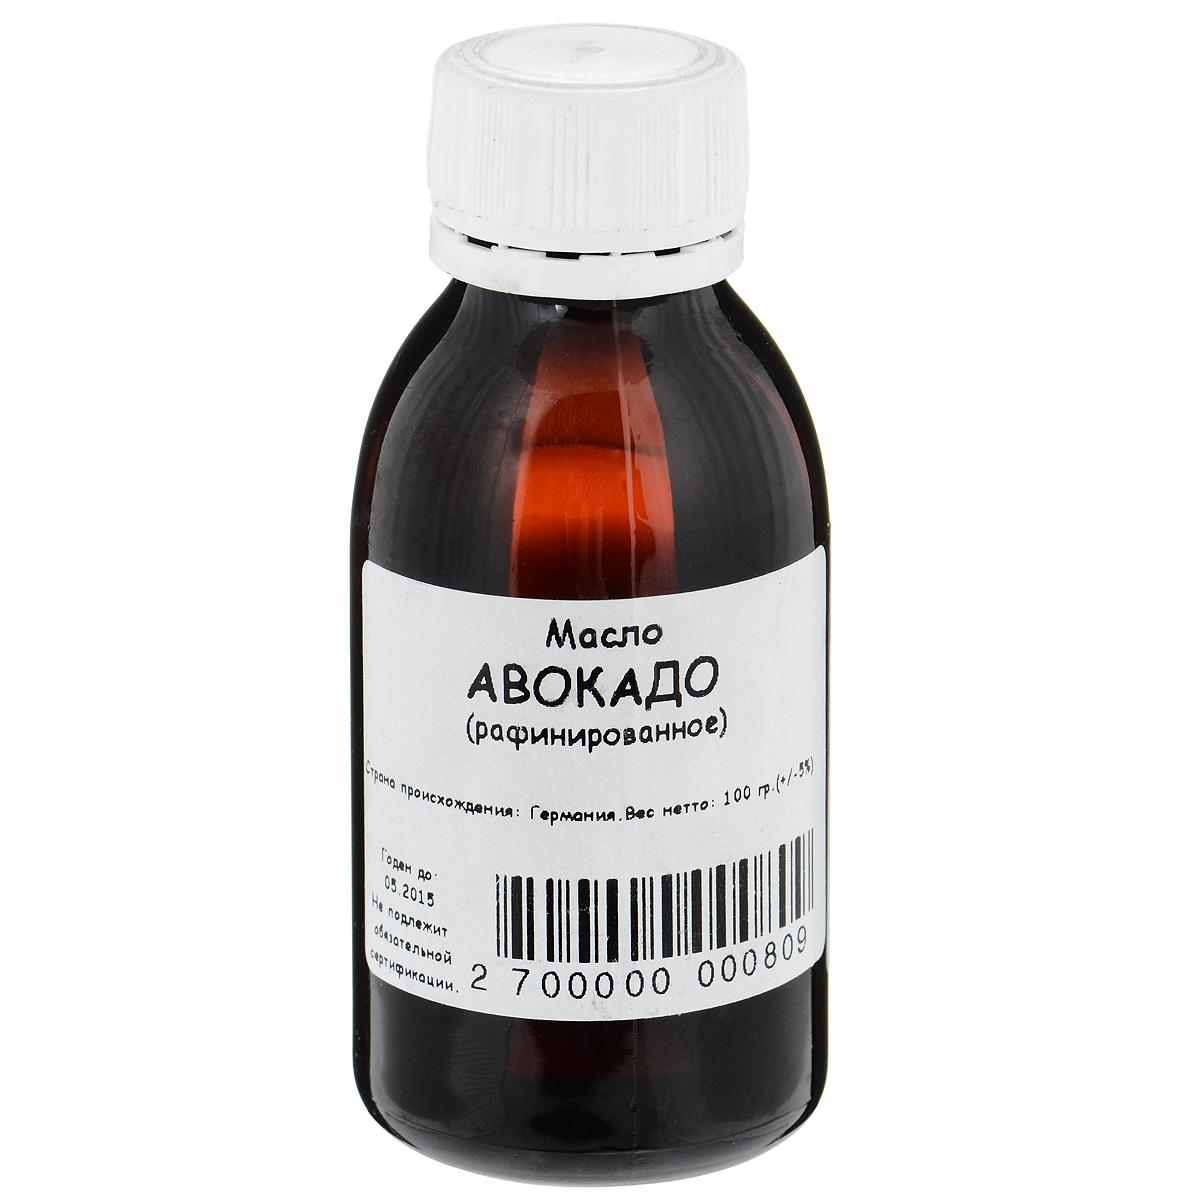 Масло Авокадо, рафинированное, 100 грFS-00897Масло авокадо восстанавливает защитные функции эпидермиса благодаря высокой концентрации полиненасыщенных жирных кислот. Витамины А и Е придадут мылу антиоксидантные свойства. Оказывает увлажняющее, регенерирующее, защитное действие для кожи и волос, плюс противовоспалительное и омолаживающее действие.Рекомендуется использовать для ухода за сухой кожей. Для быстрого восстановления целостности и однородности кожи при небольших воспалениях; для ухода за волосами, особенно окрашенными; для укрепления и роста ногтей и устранения воспаления ногтевого валика.Для питания и массажа втирать в кожу легкими движениями.Для очищения кожи лица нанести на смоченный водой тампон насколько капель масла и протереть кожу.Для ухода за волосами с целью устранения ломкости и придания им естественного блеска втирать в кожу головы за 2 часа до мытья волос.Для снятия воспаления и раздражения кожи смешать 5 мл масла с 1-2 каплями эфирного масла апельсина, жасмина, иланг-иланга или лаванды. Втирать смесь в кожу массажными движениями. Товар может быть использован в качестве добавки при создании мыла в домашних условиях.